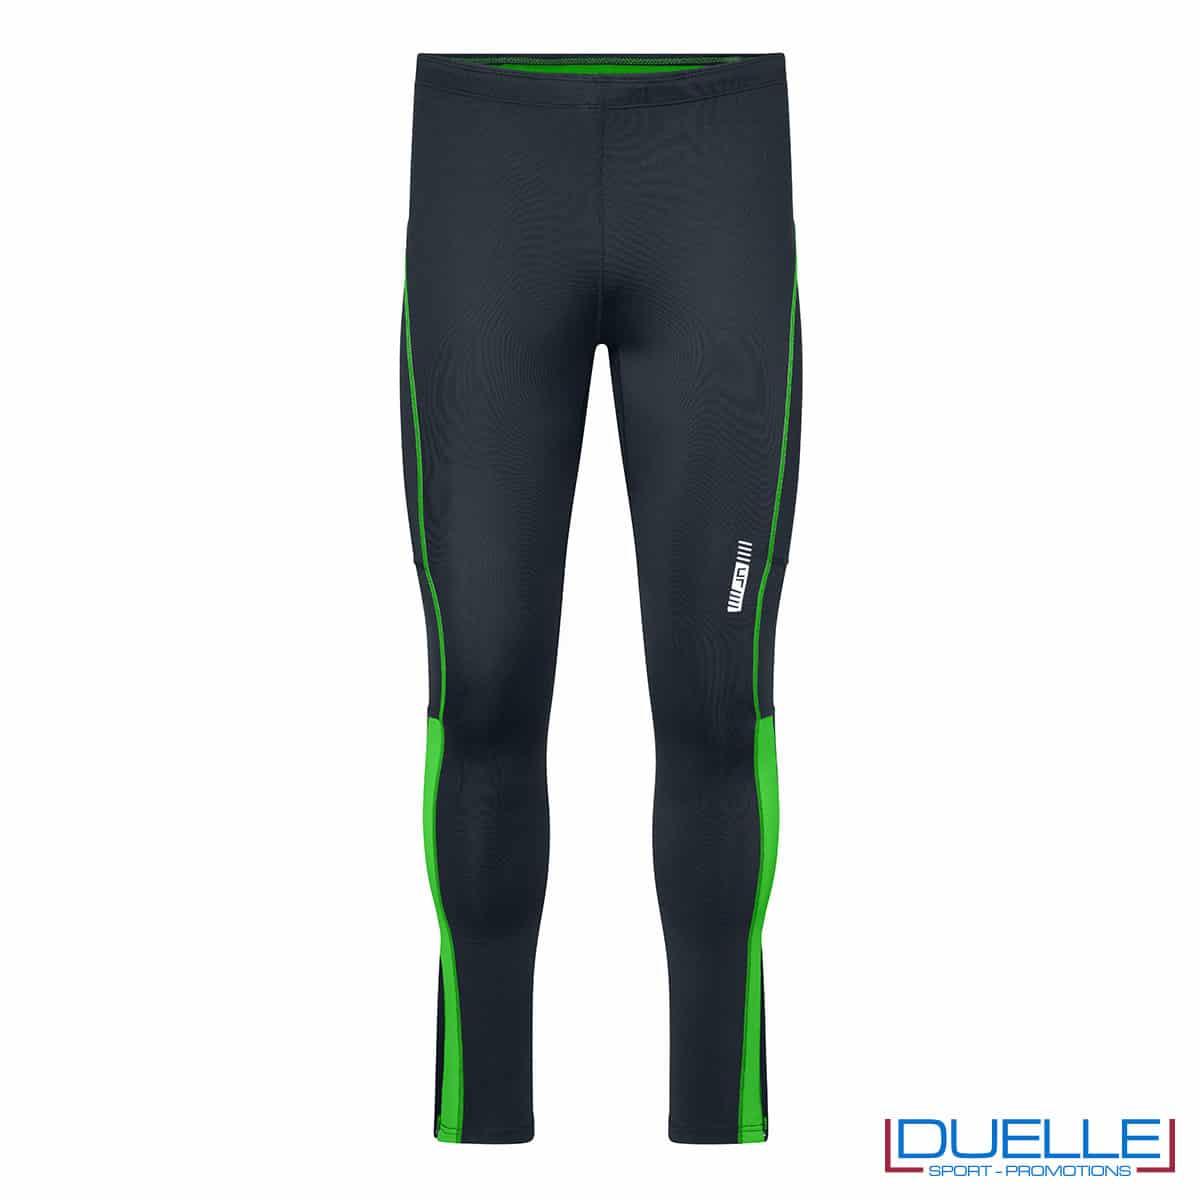 Pantaloni running antracite/verde personalizzati